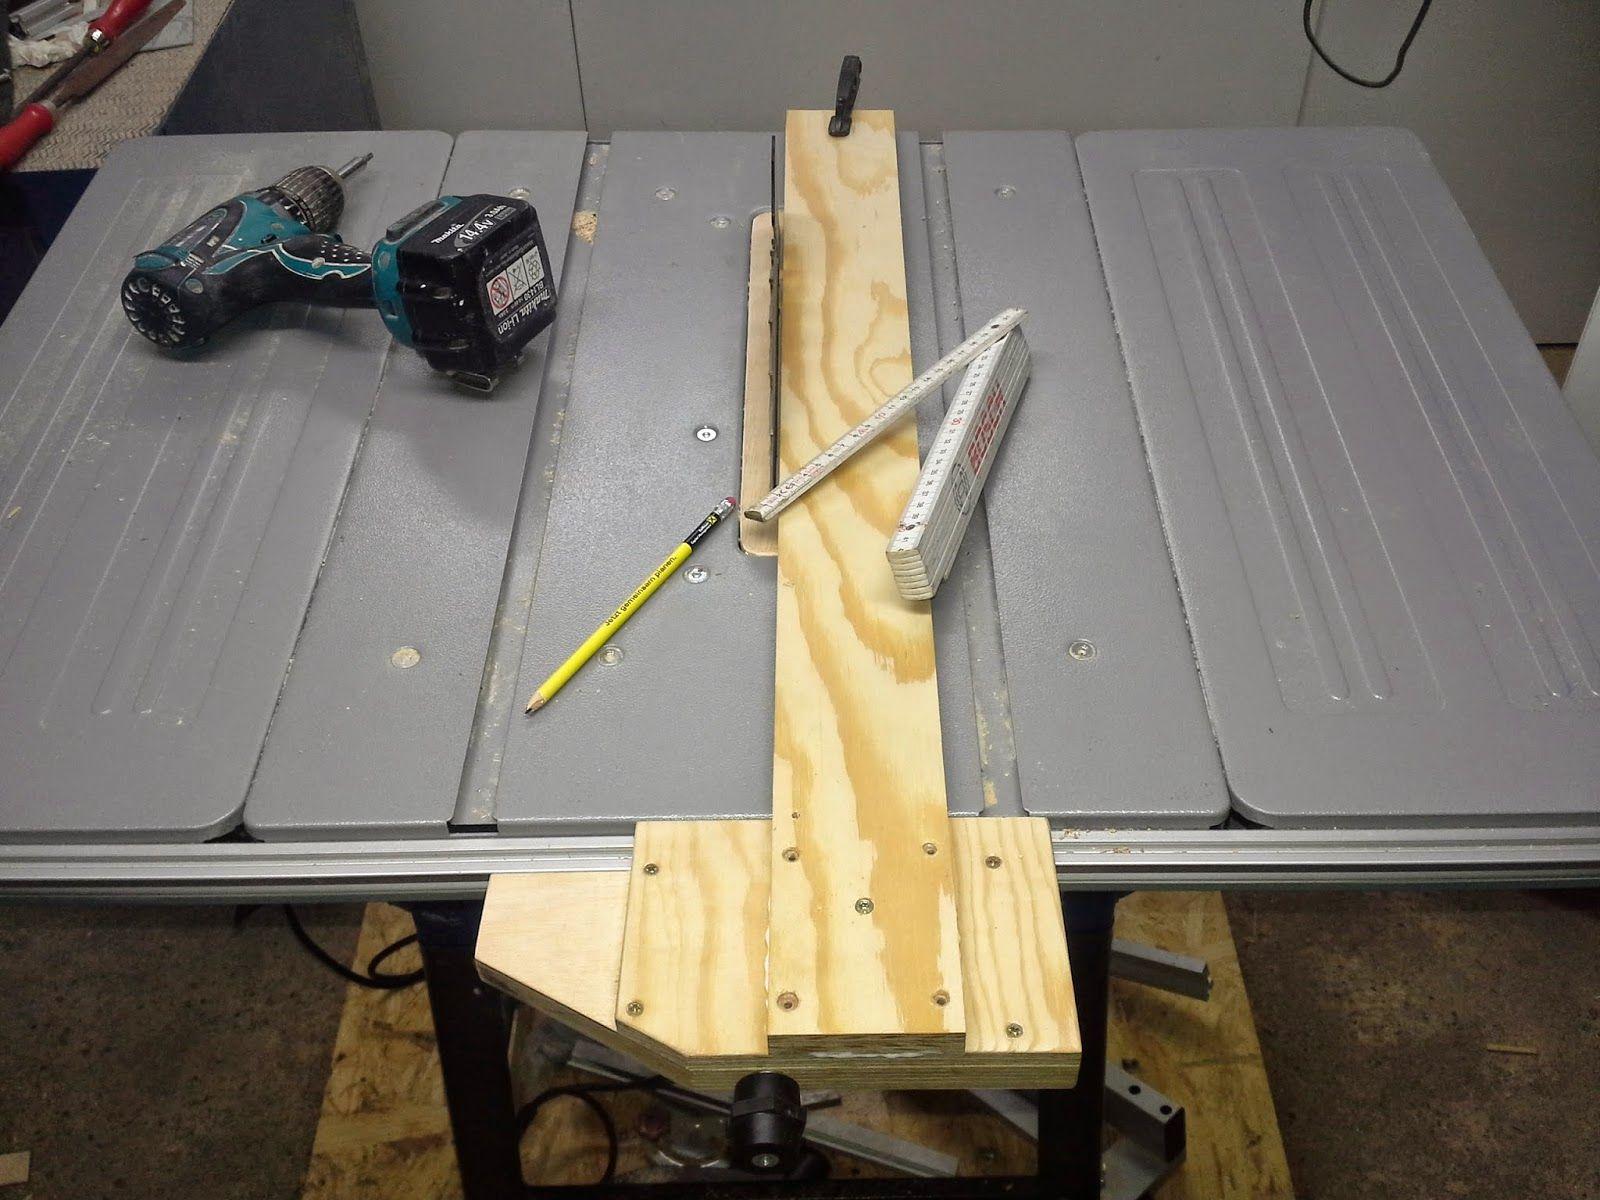 holz und metall parallelanschlag f r tischkreiss ge diy tools pinterest tischkreiss ge. Black Bedroom Furniture Sets. Home Design Ideas